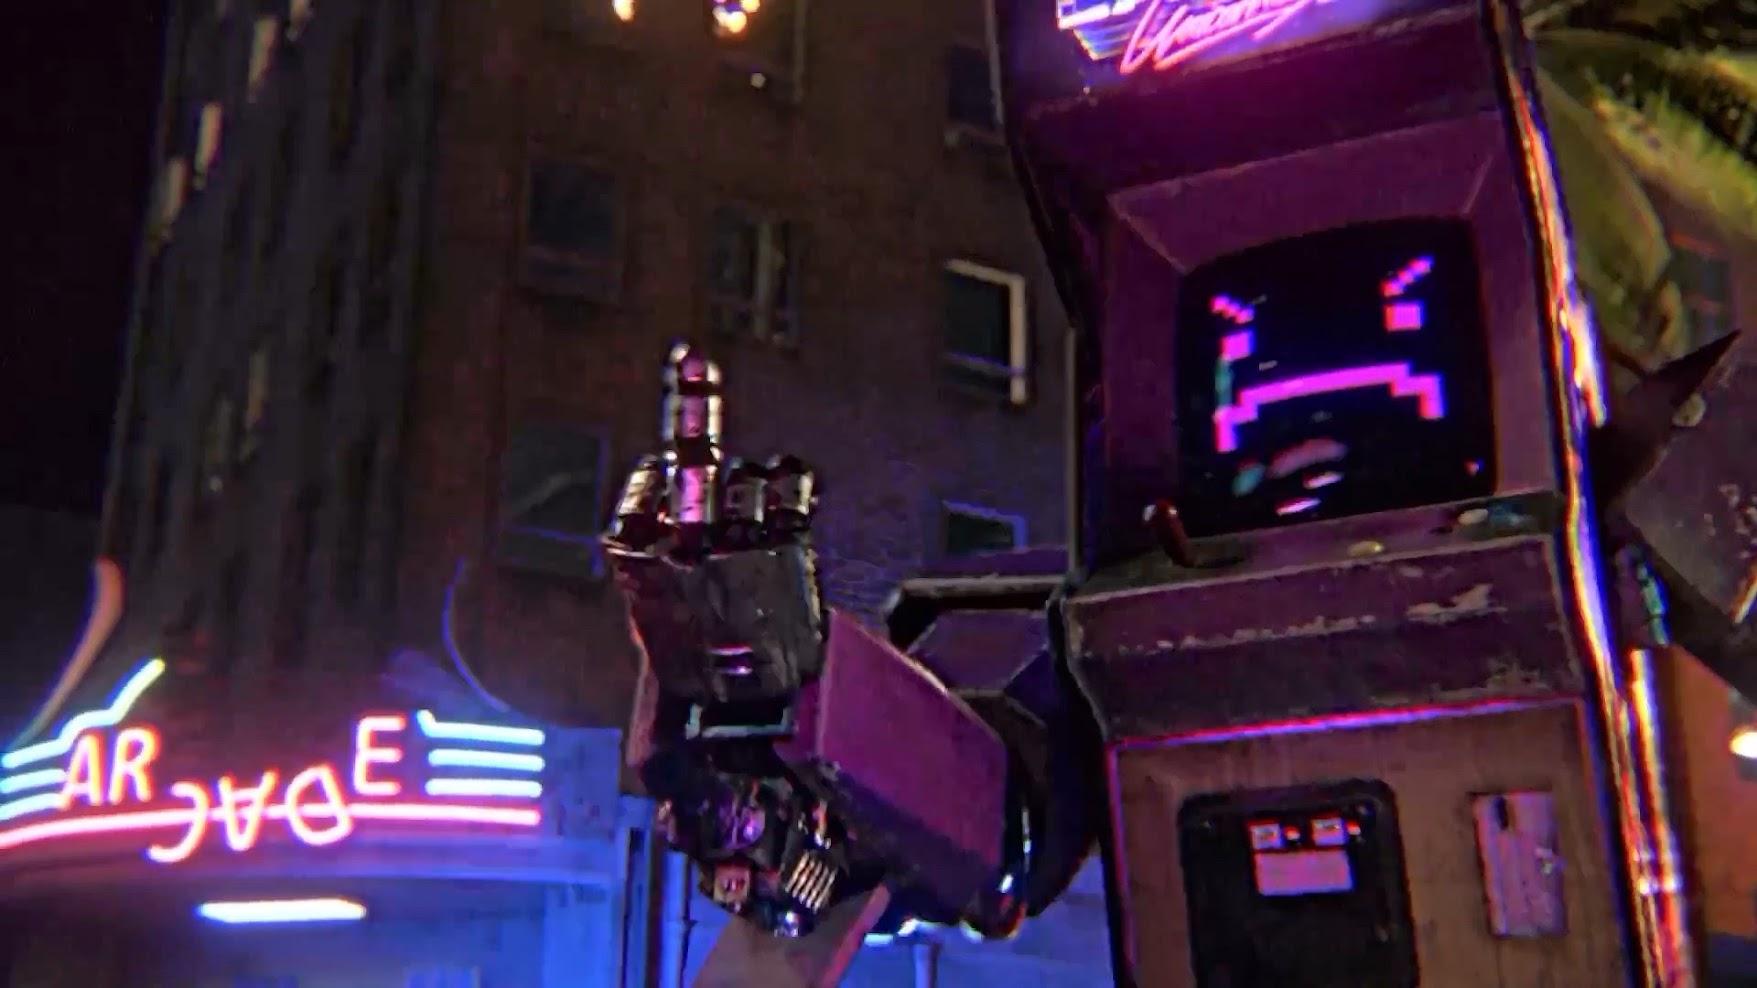 La máquina arcade de Kung Fury